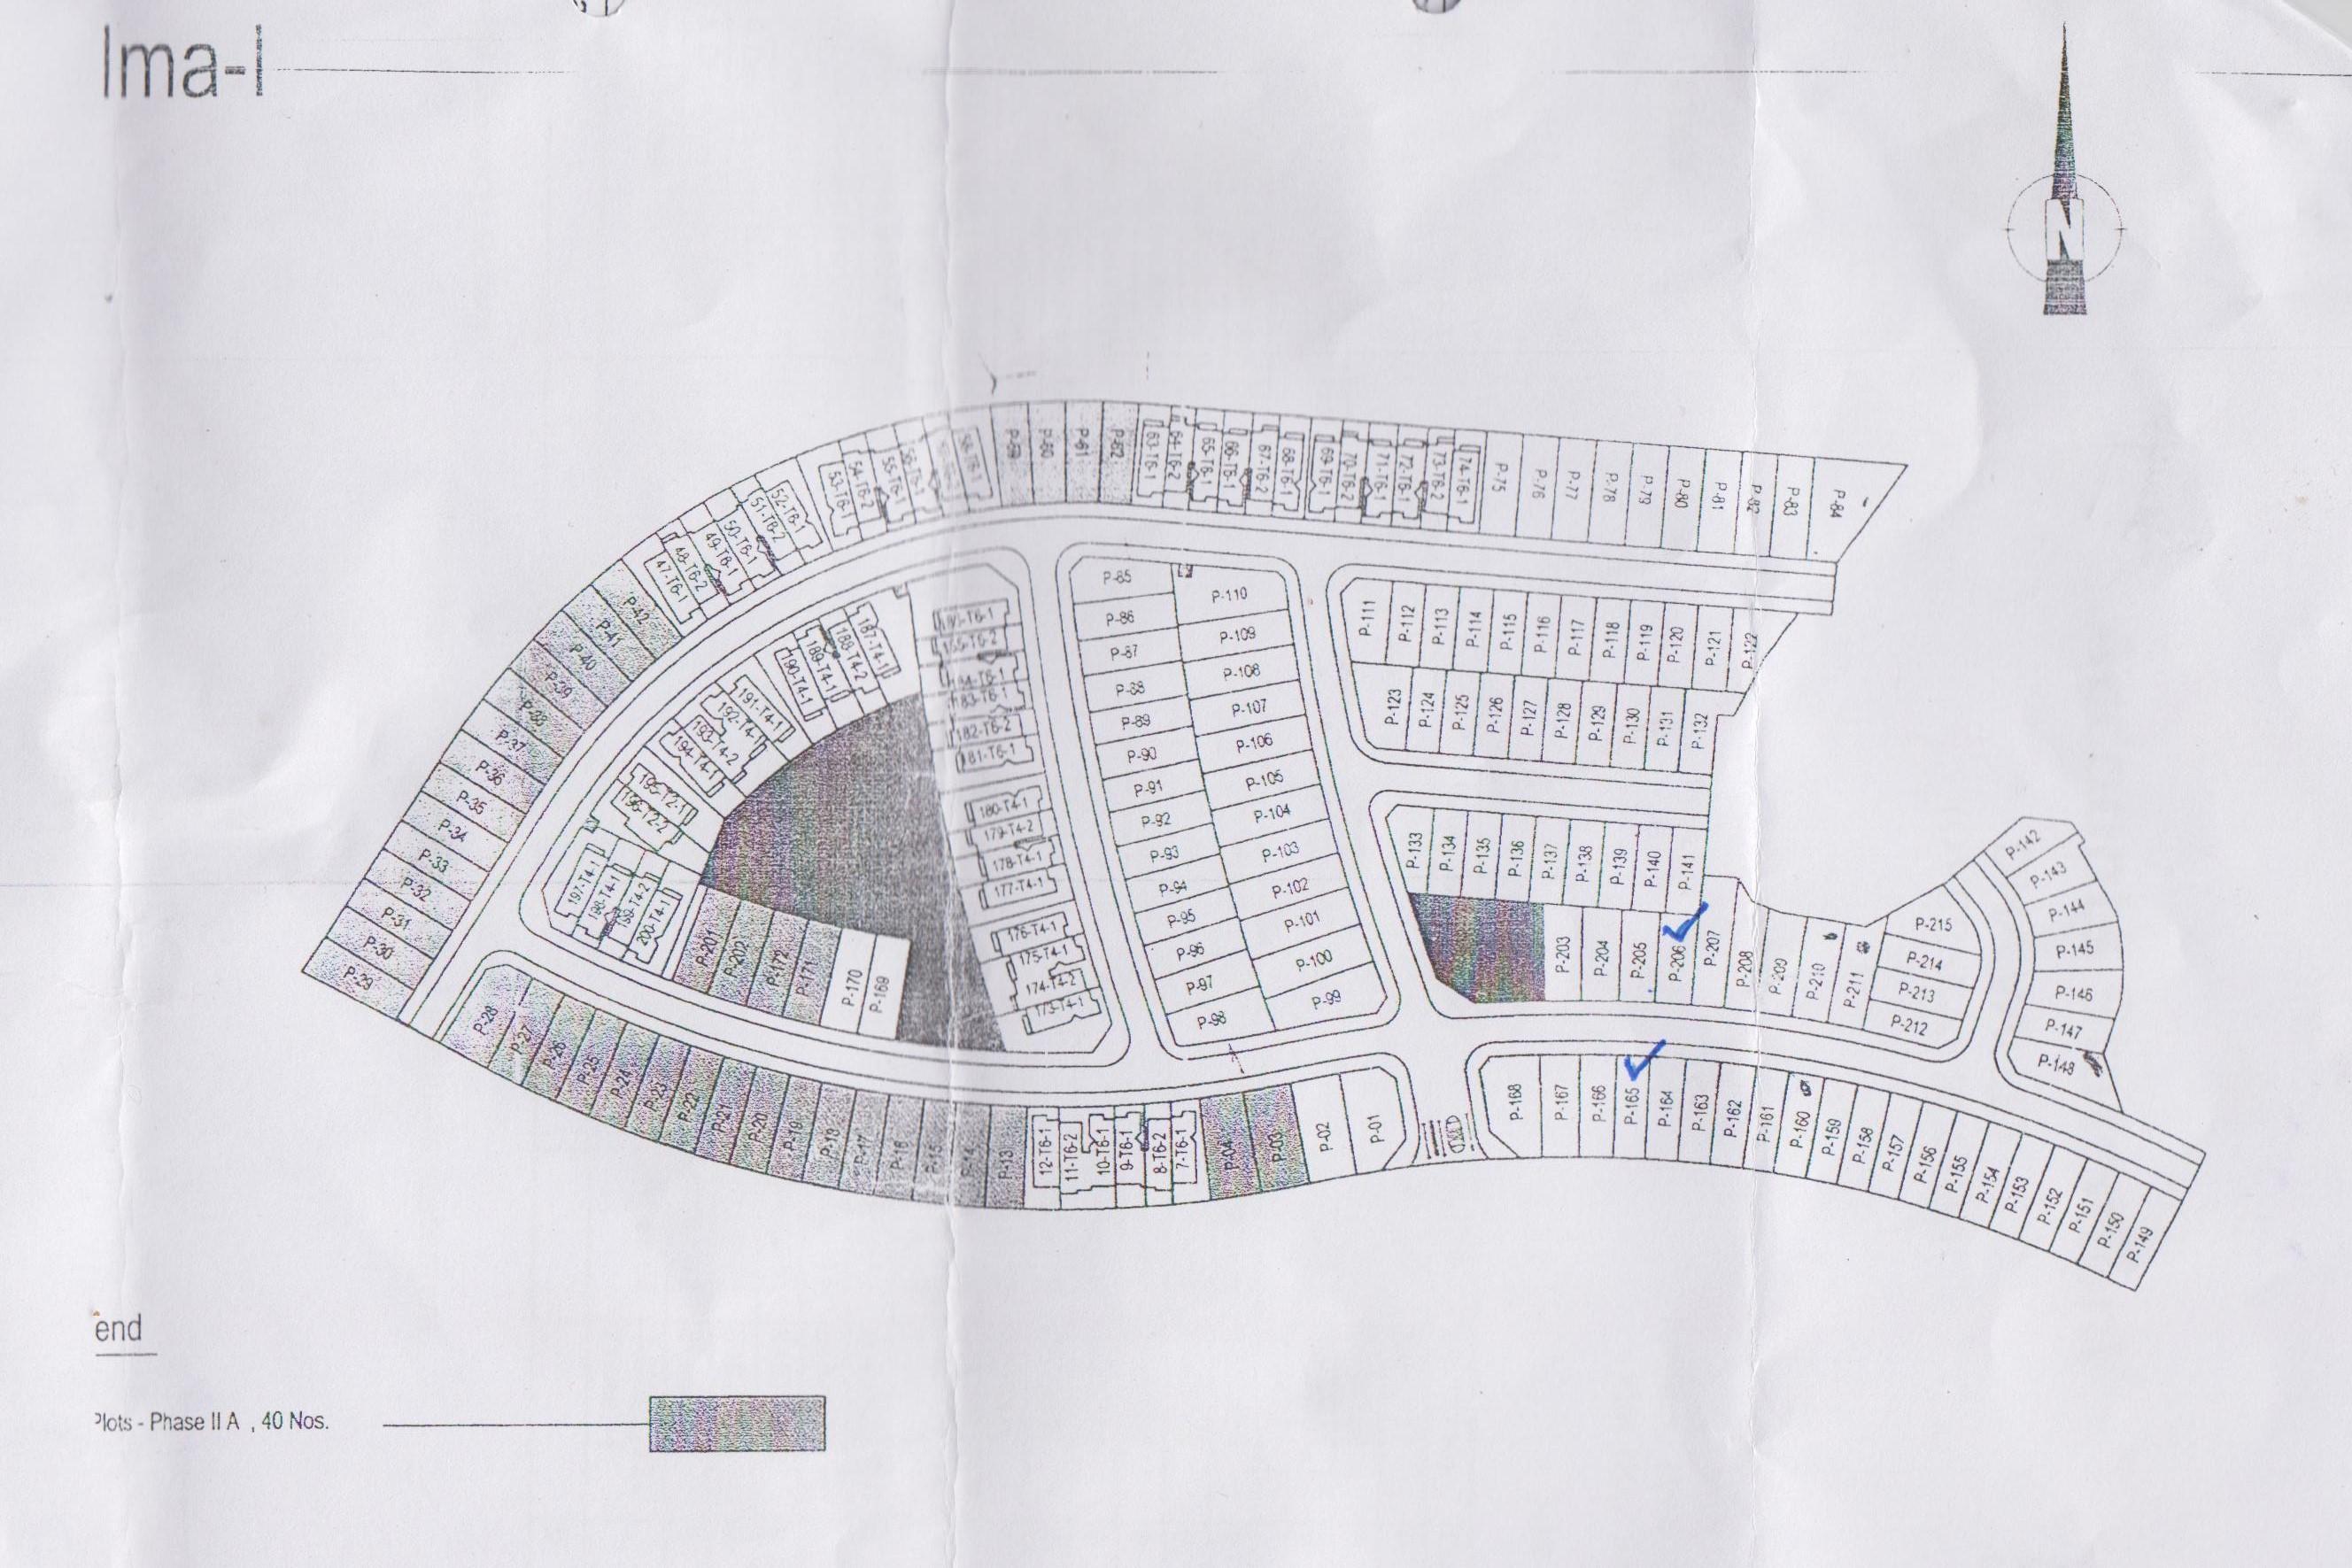 Alma 1 Map